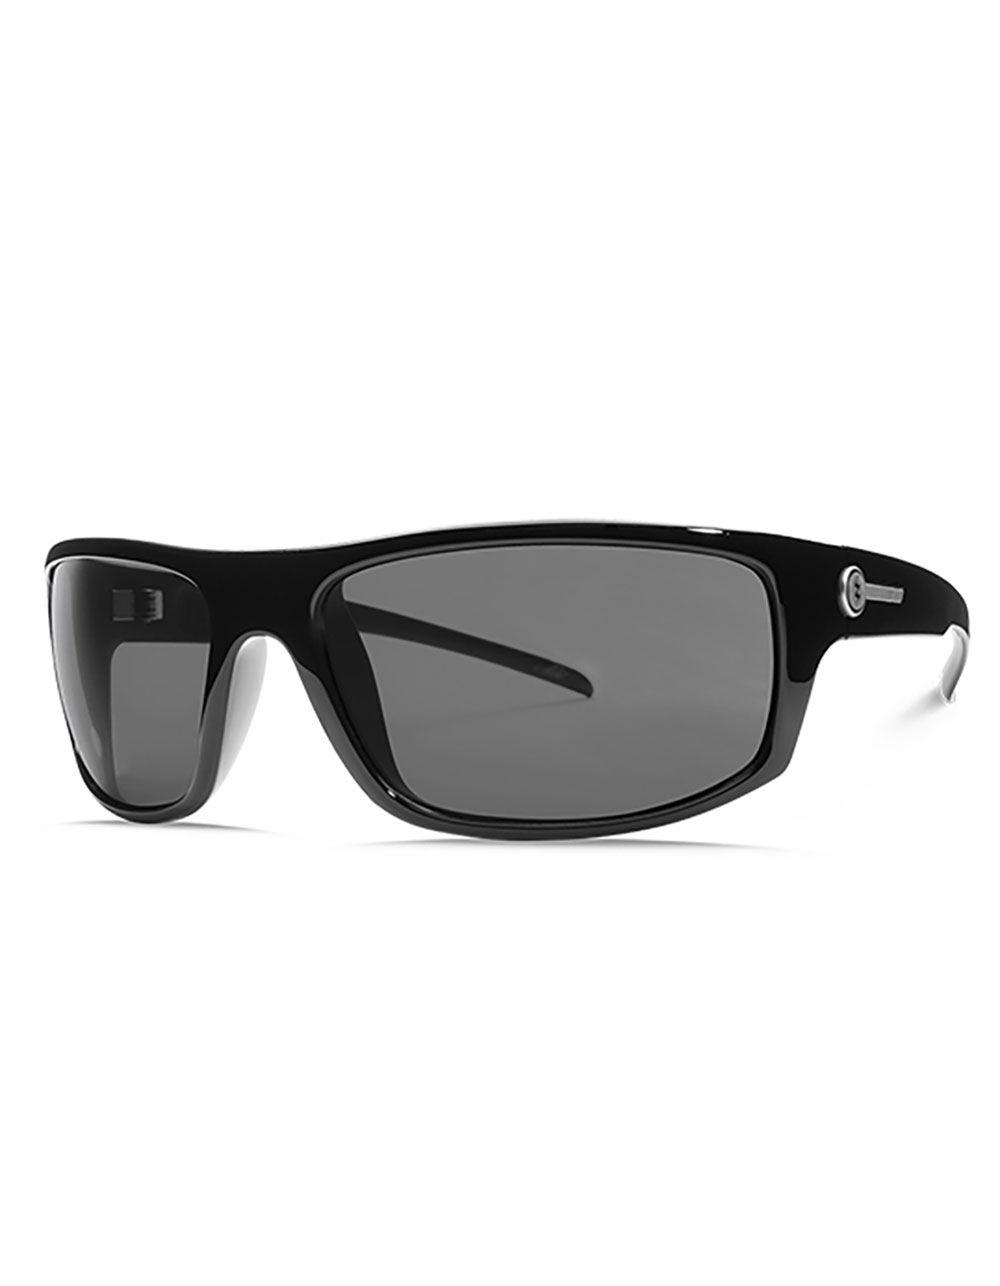 929933cc200af0 ray ban zonnebrillen dordrecht - Menswear gucci jurk nieuwe heerschappij  flanel n3q2334 .